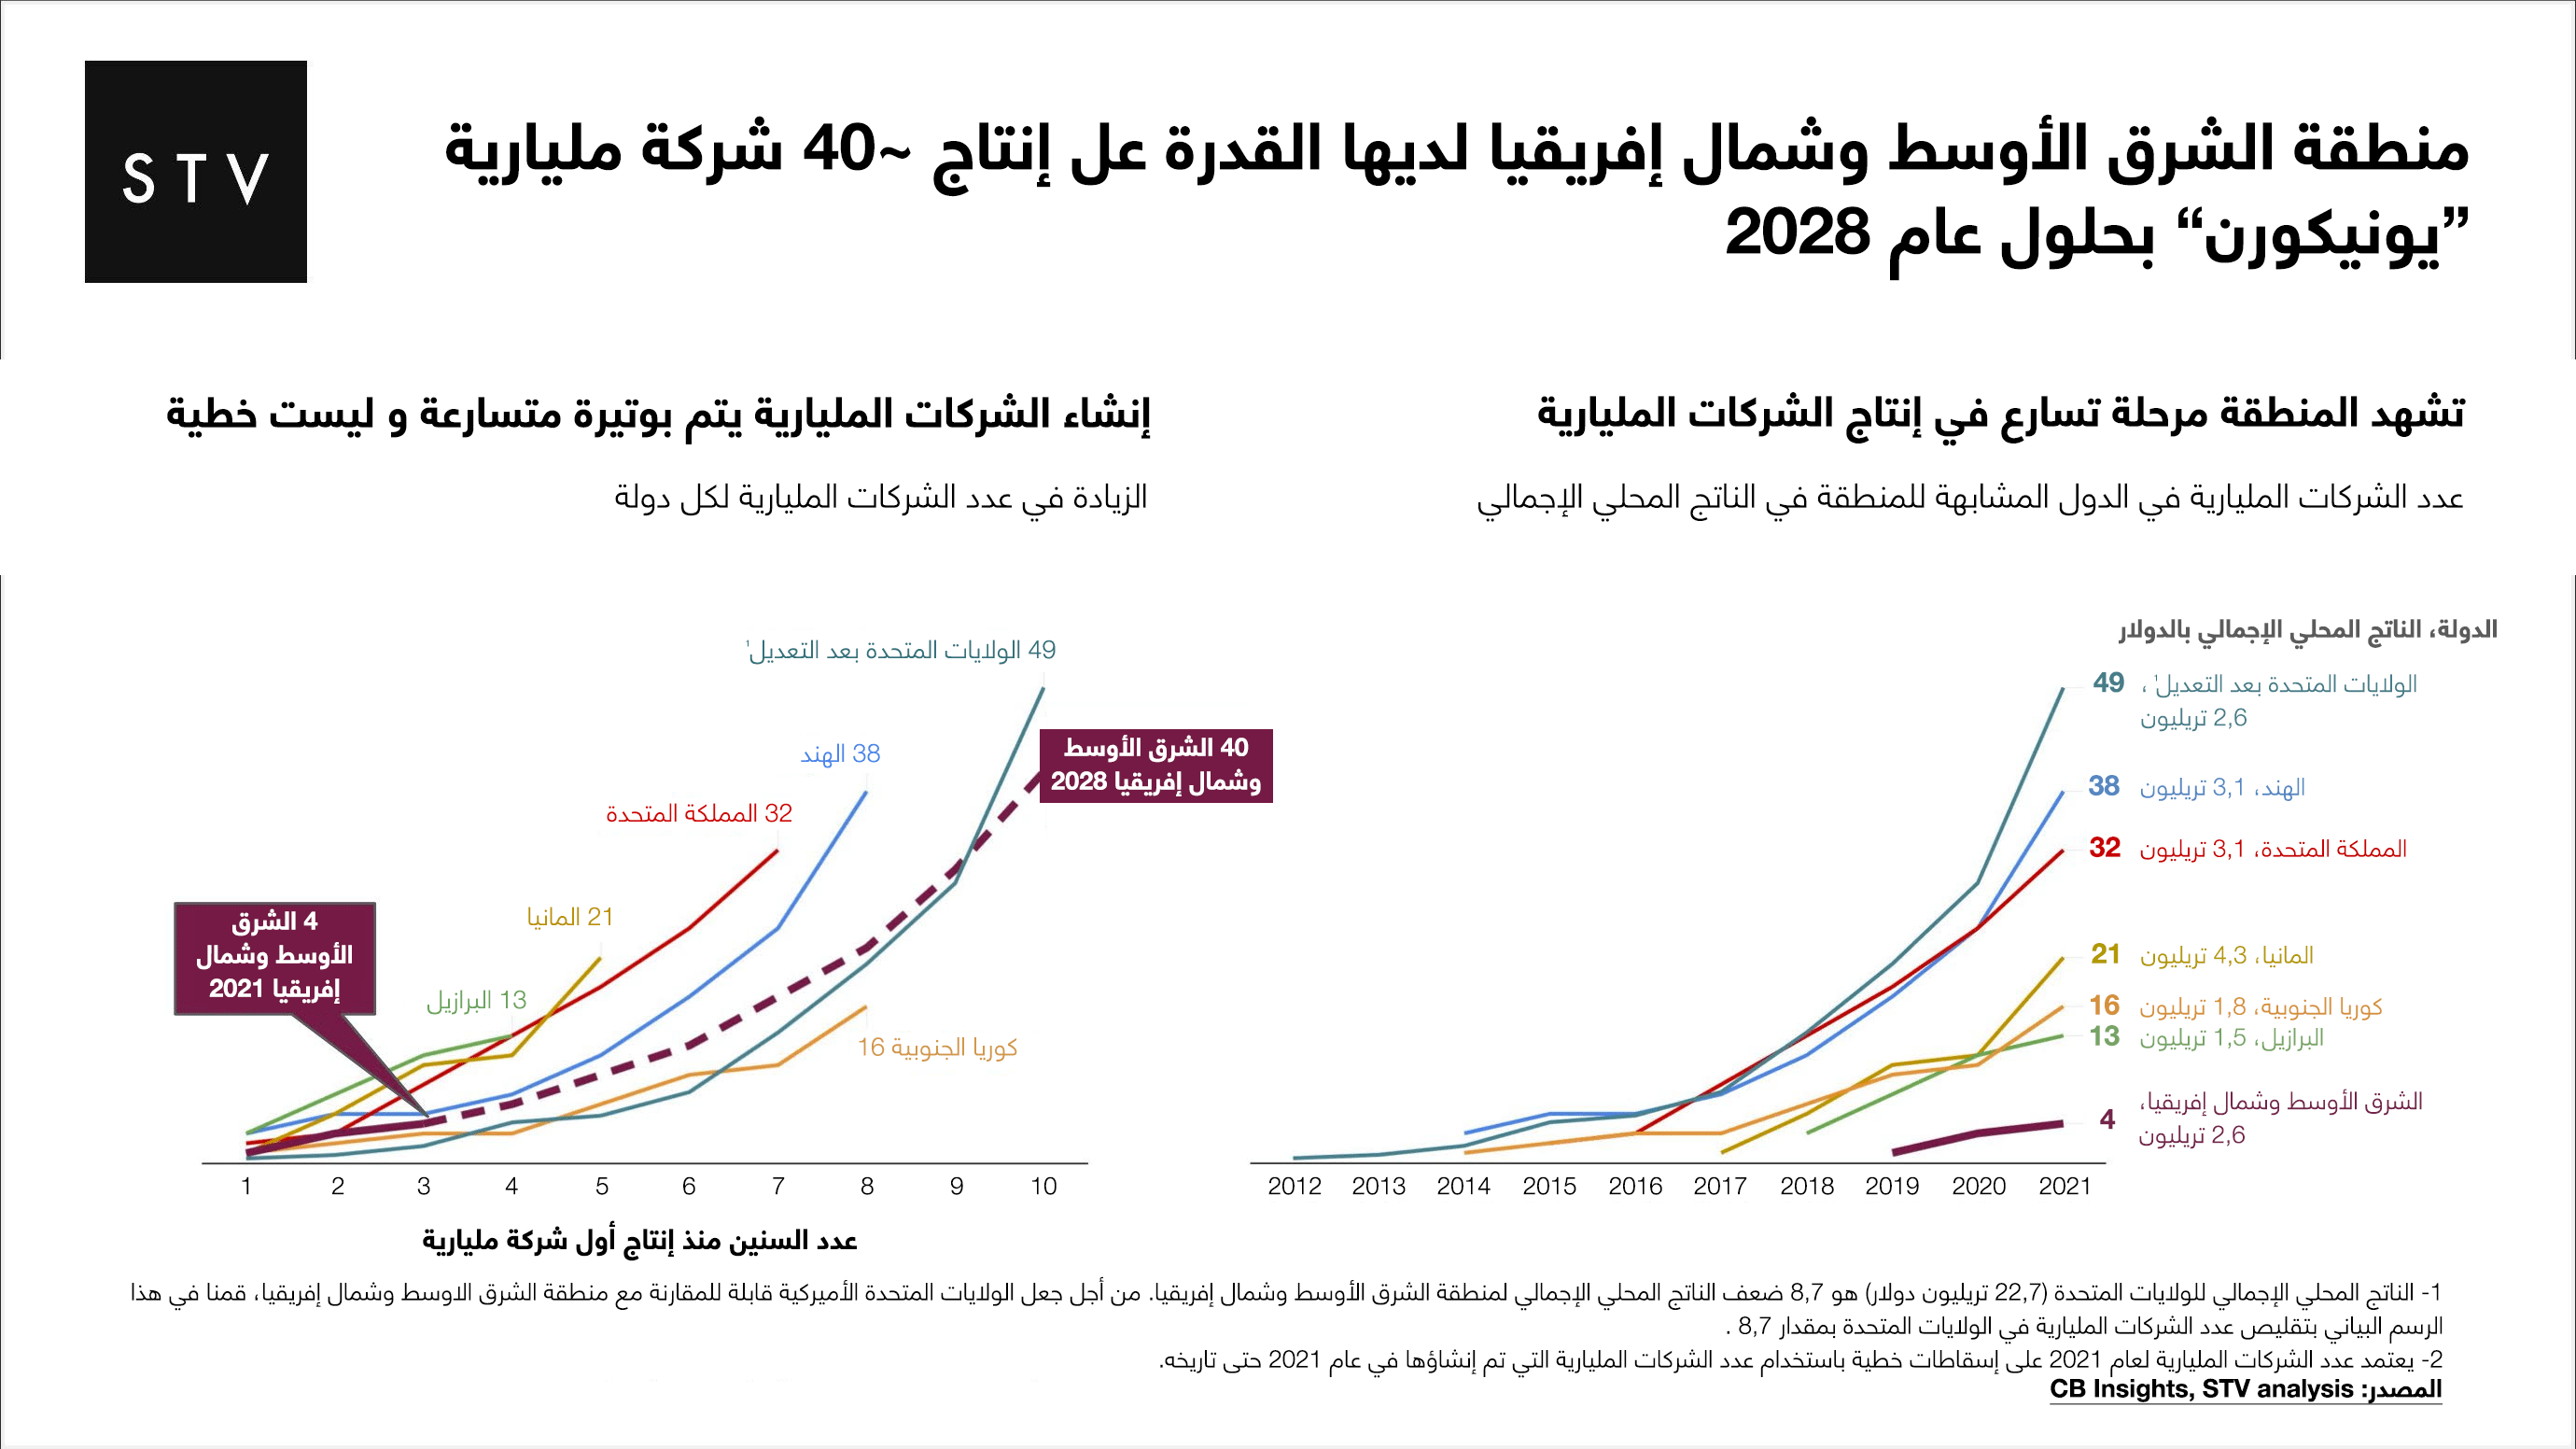 إنتاج الشركات المليارية